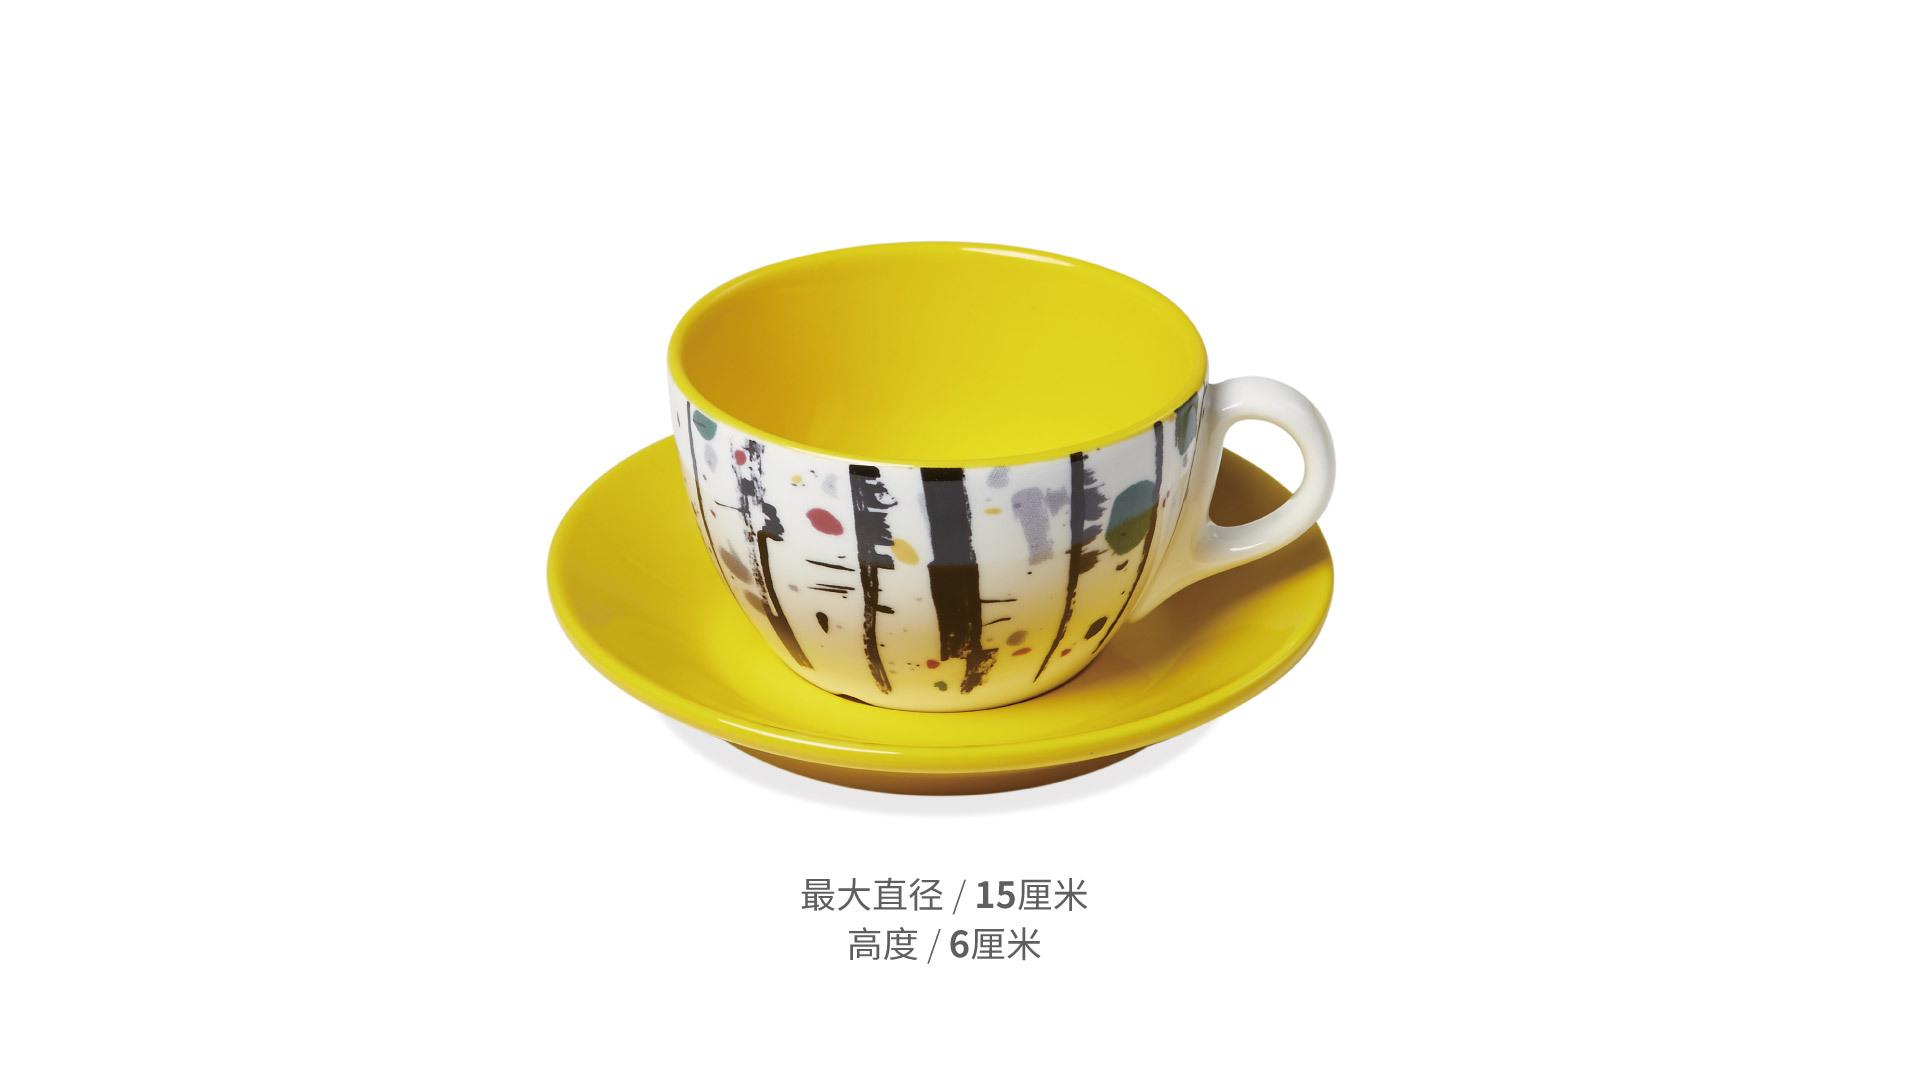 吴冠中系列纹样餐具-白桦林咖啡杯套装餐具效果图